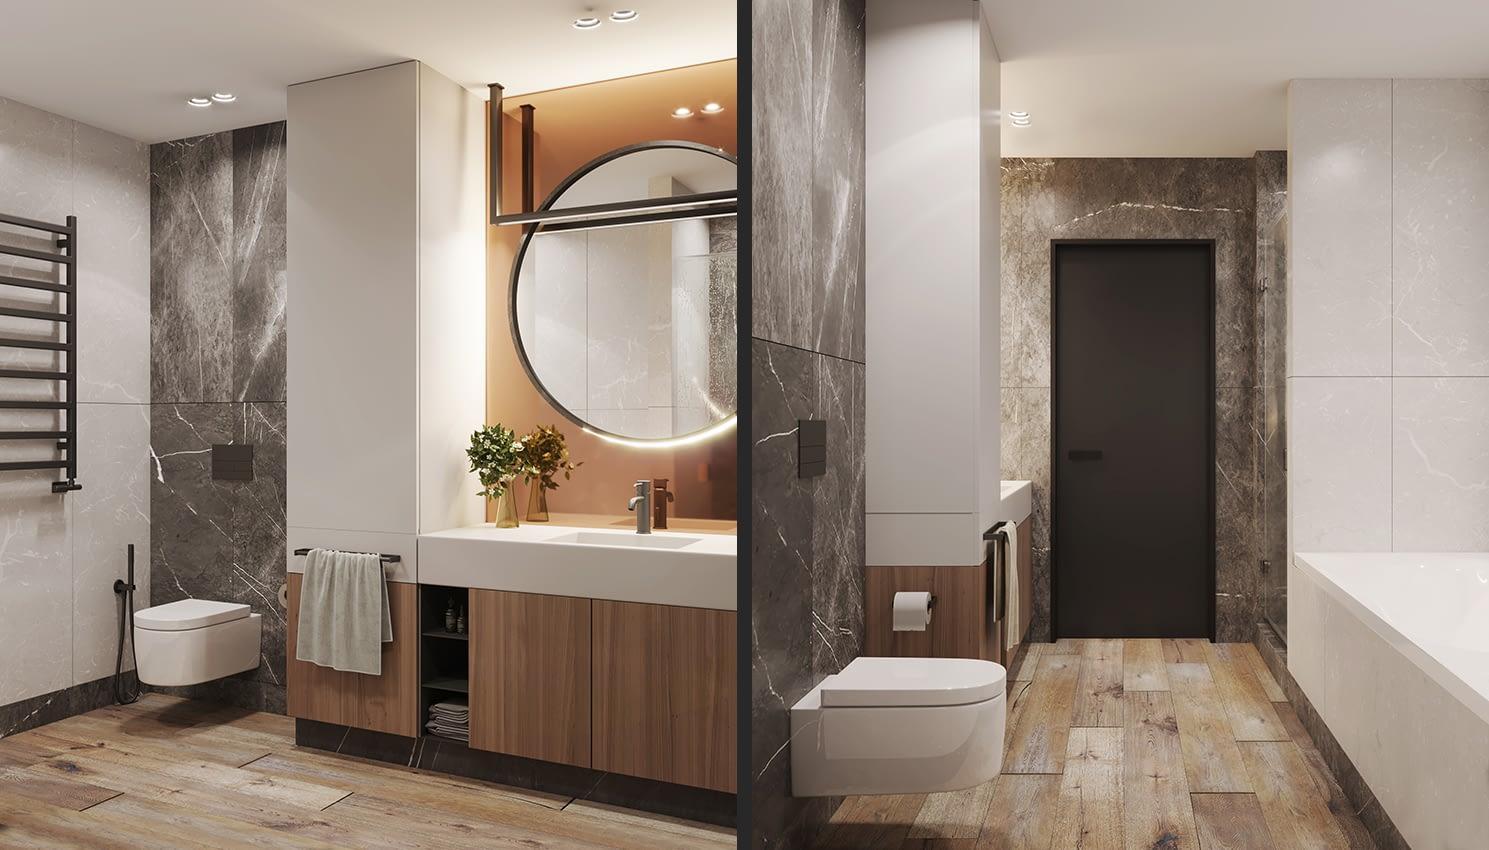 проект ванной комнаты квартиры в ЖК Славутич